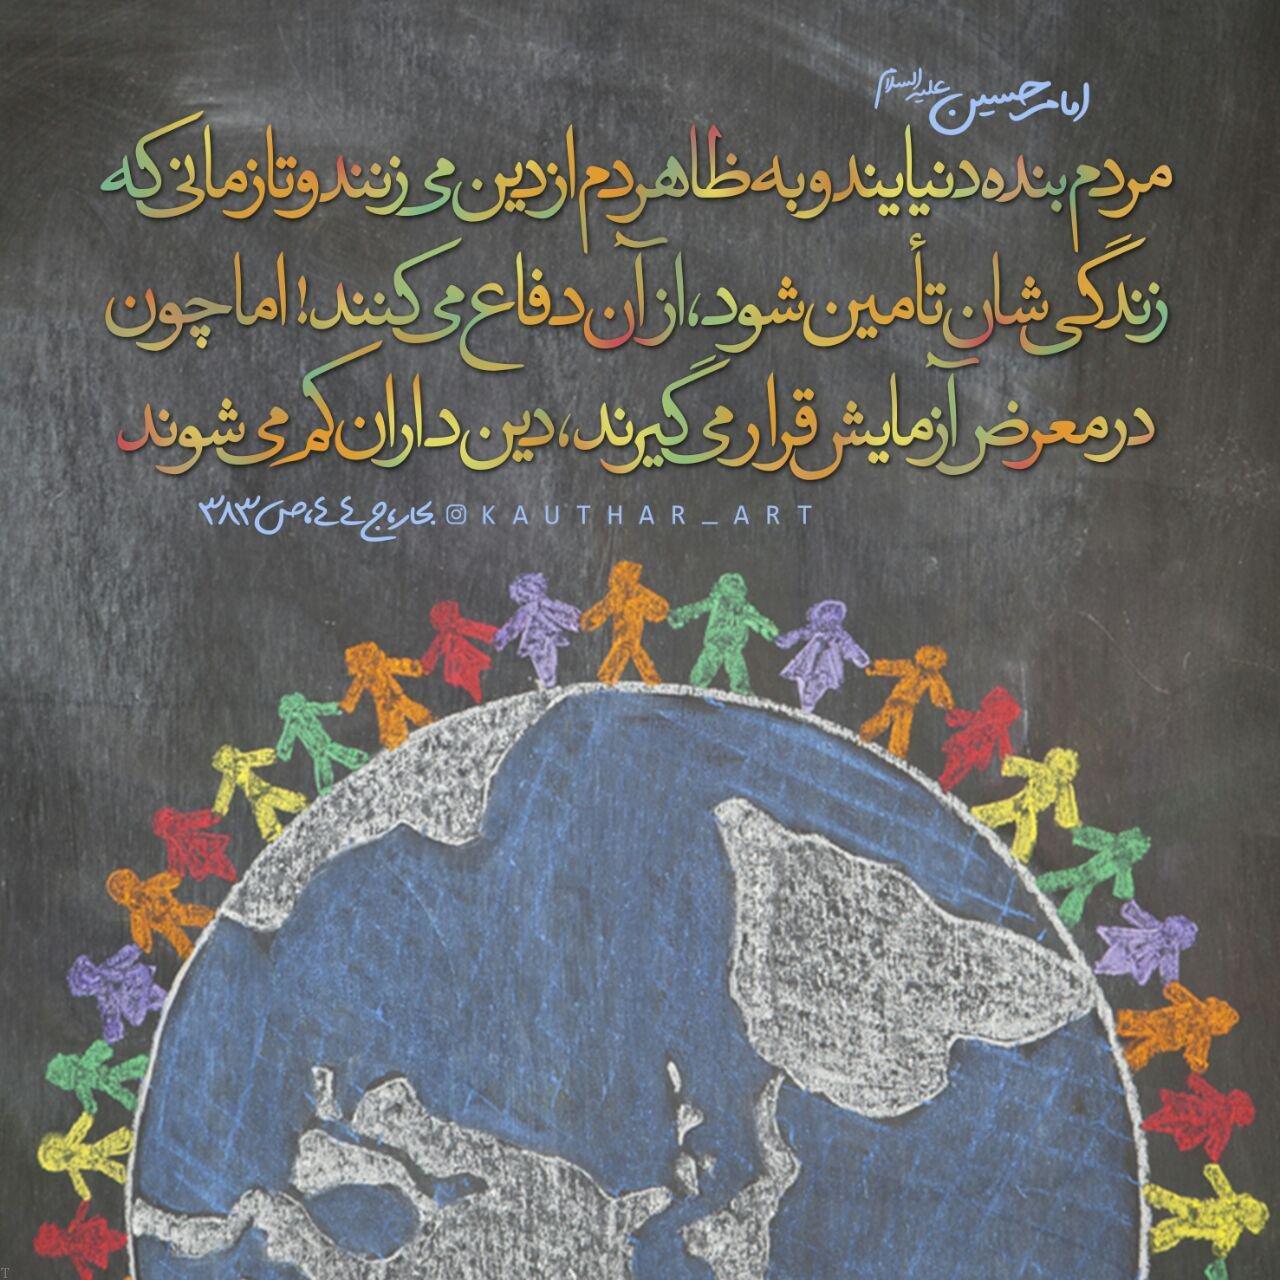 عکس و متن زیبا درباره اربعین حسینی و کربلا